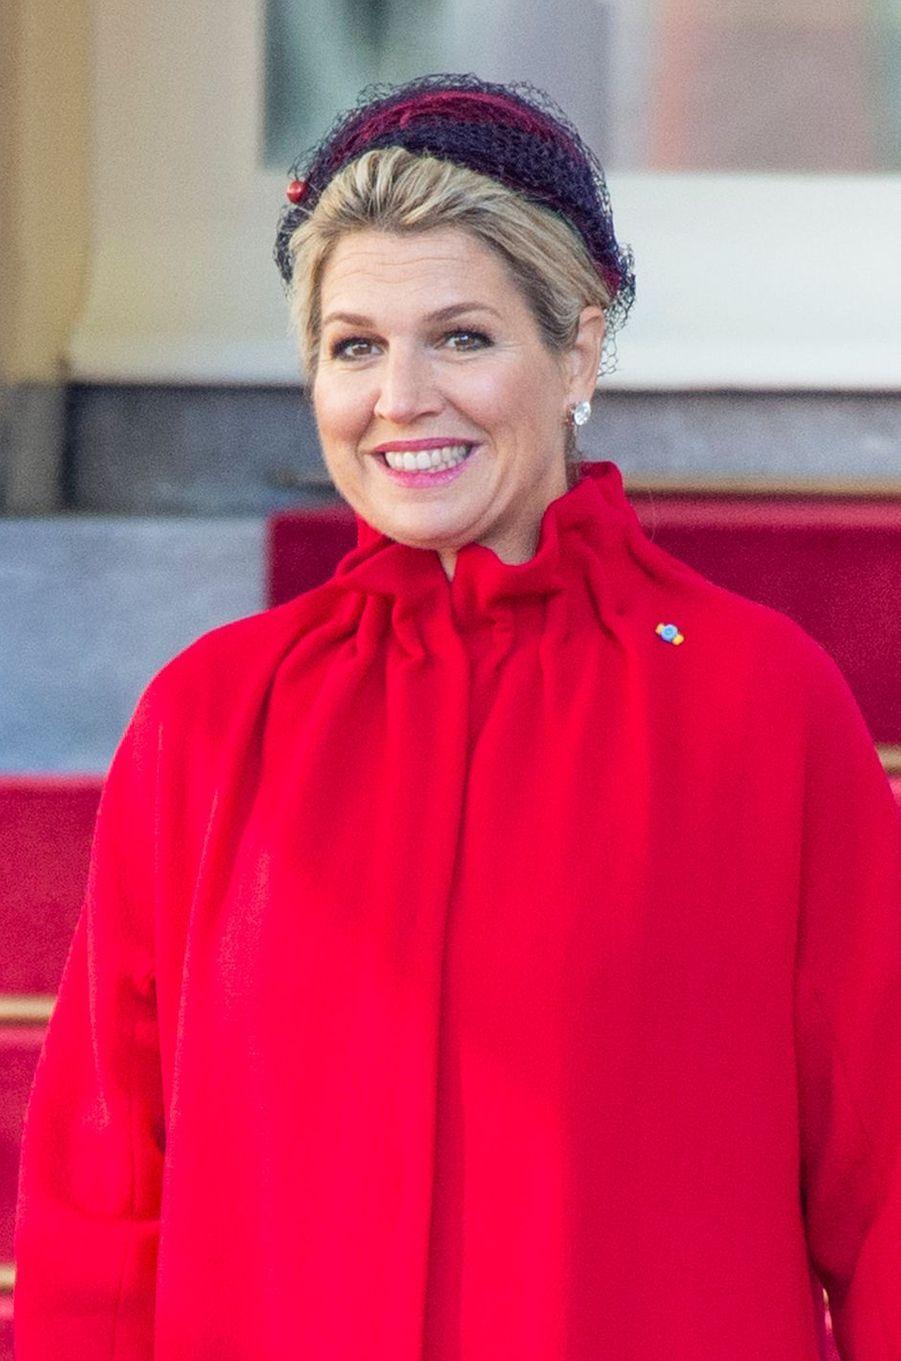 La reine Maxima des Pays-Bas à La Haye, le 29 octobre 2019